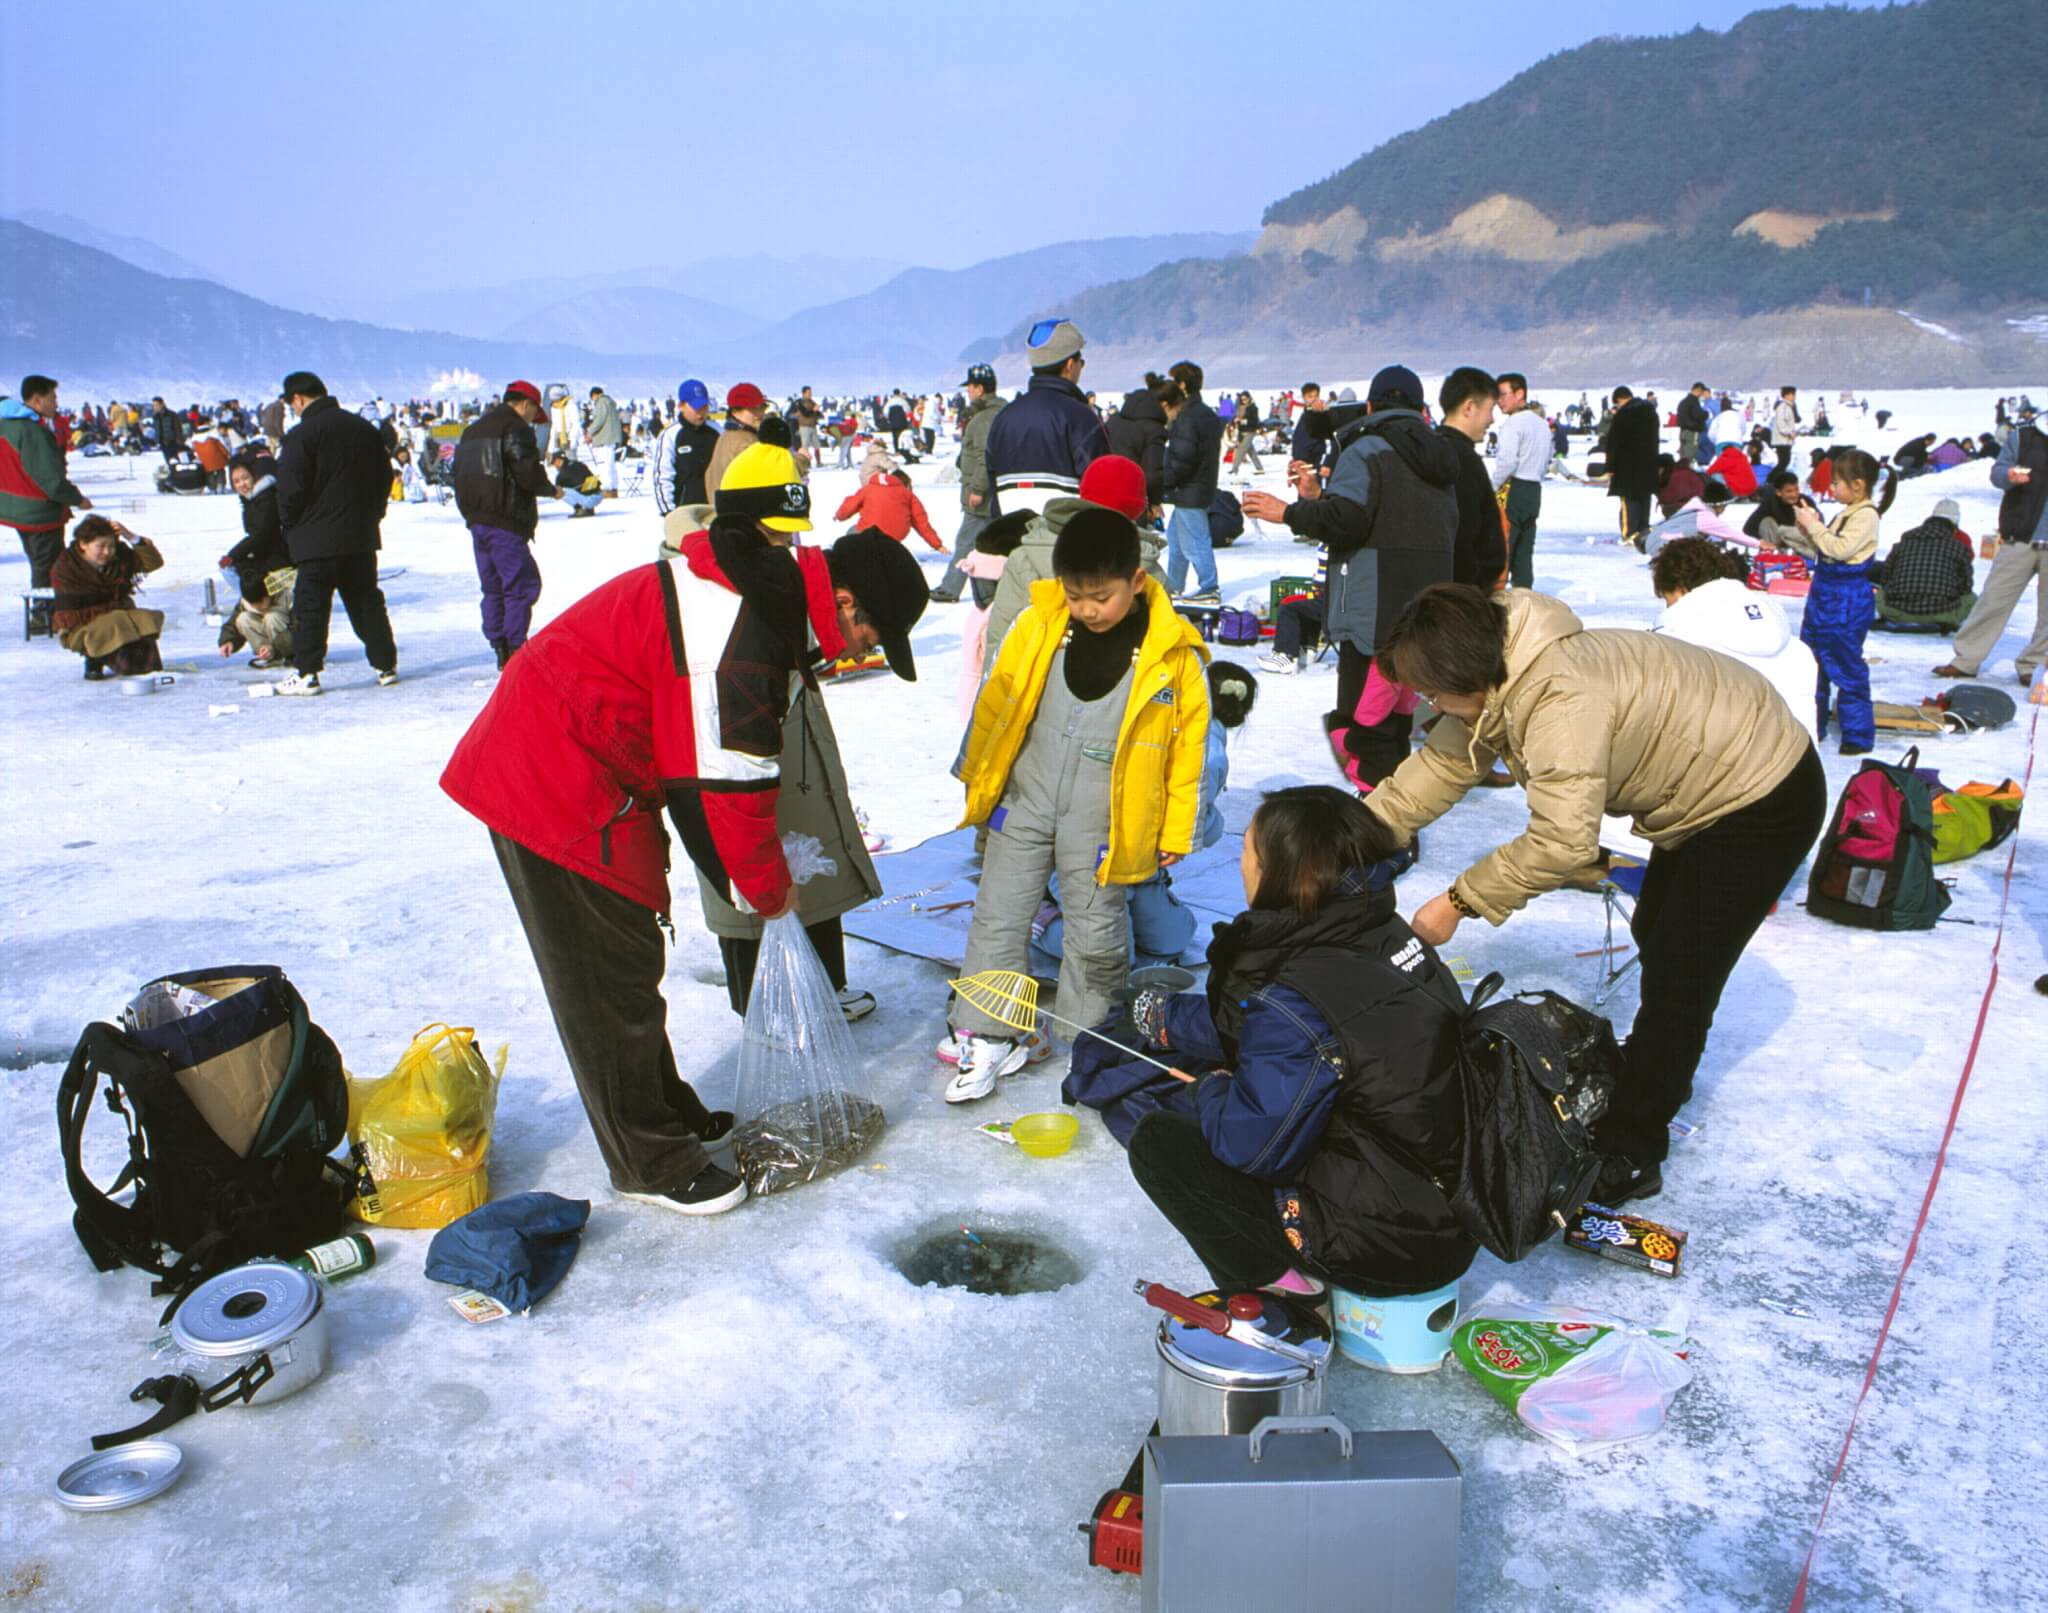 du lịch hàn quốc vào mùa đông có những gì